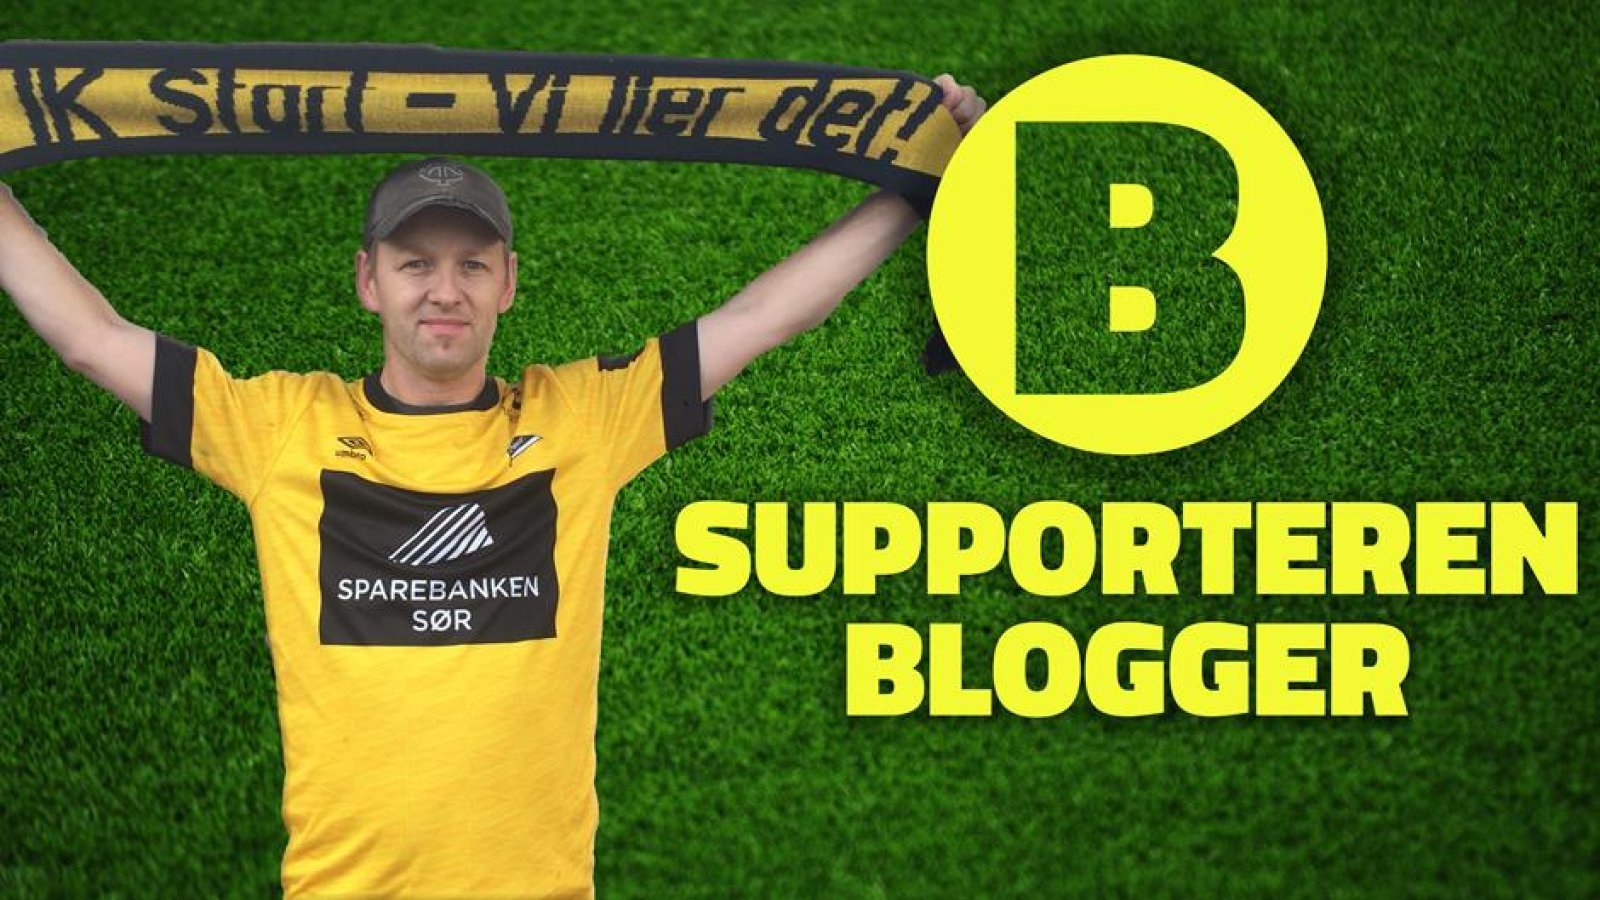 BRUK blogg, thomassen supporteren